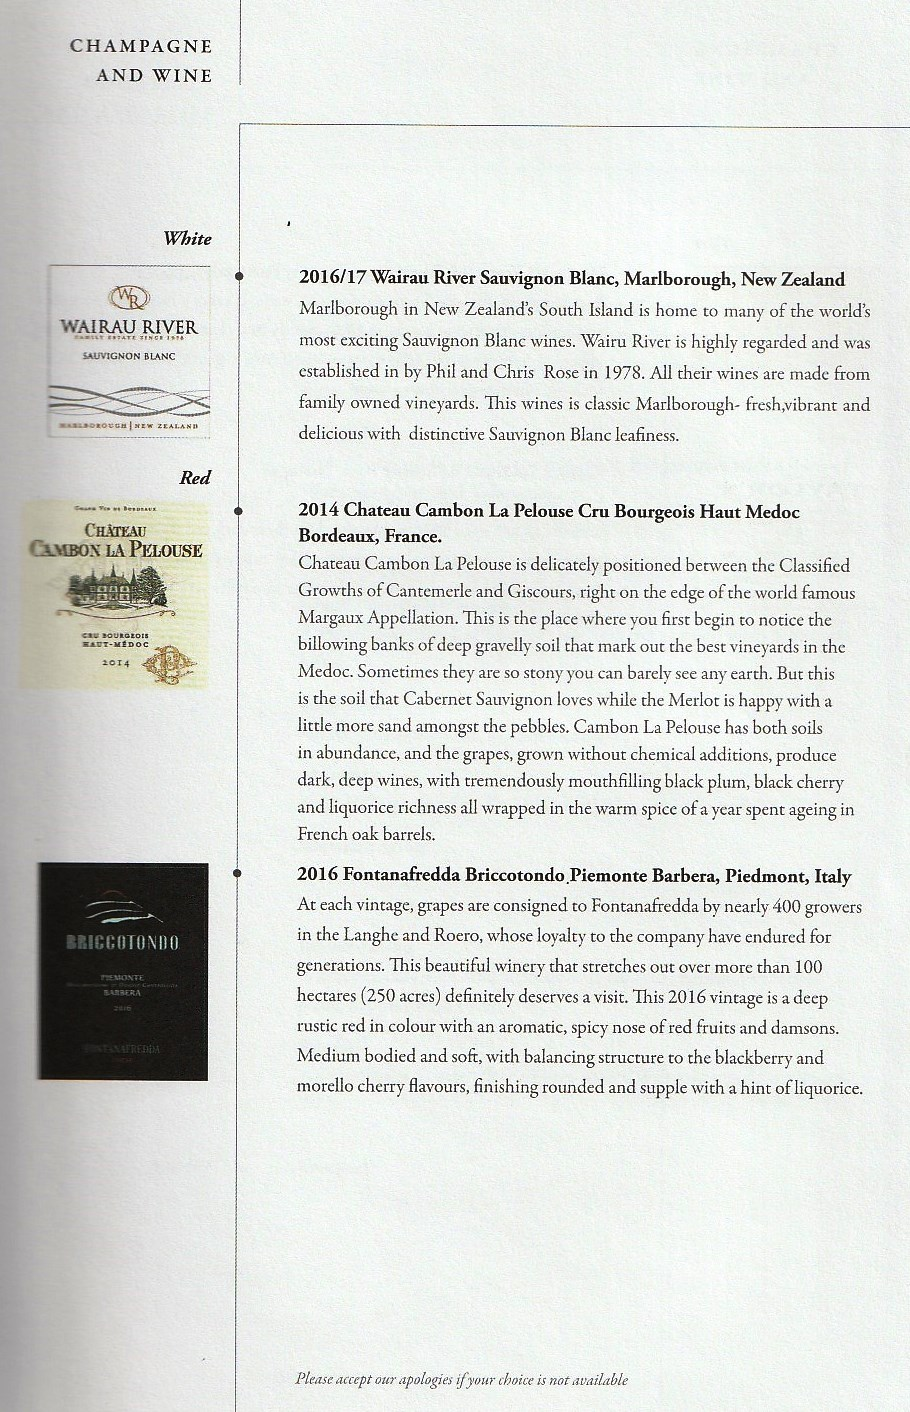 白ワインと赤ワイン